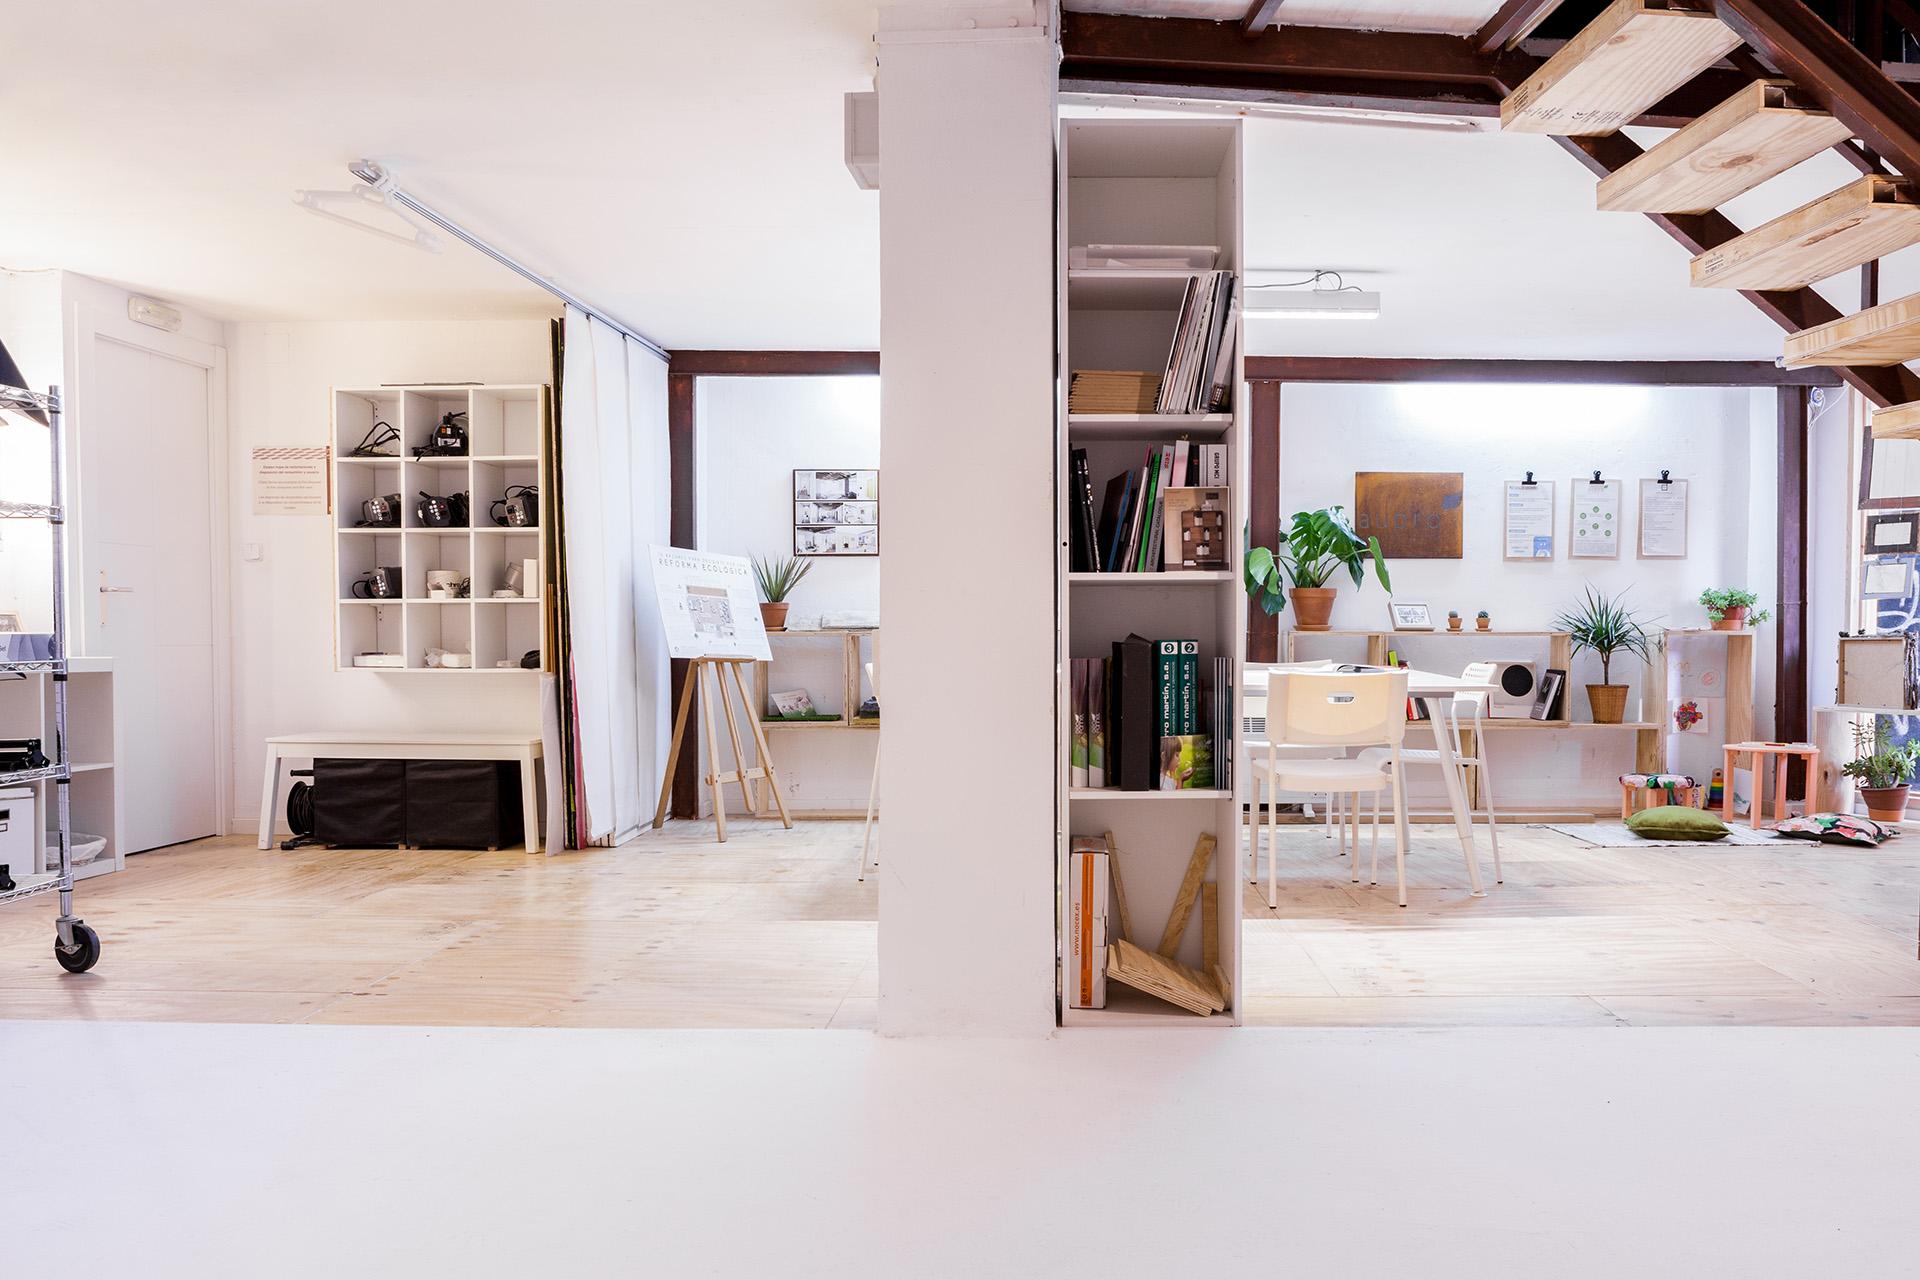 Estudio de alquiler de fotografía y vídeo con ciclorama en Zaragoza. Equipo de iluminación incluido para realizar tus sesiones de foto, castings o eventos para empresas